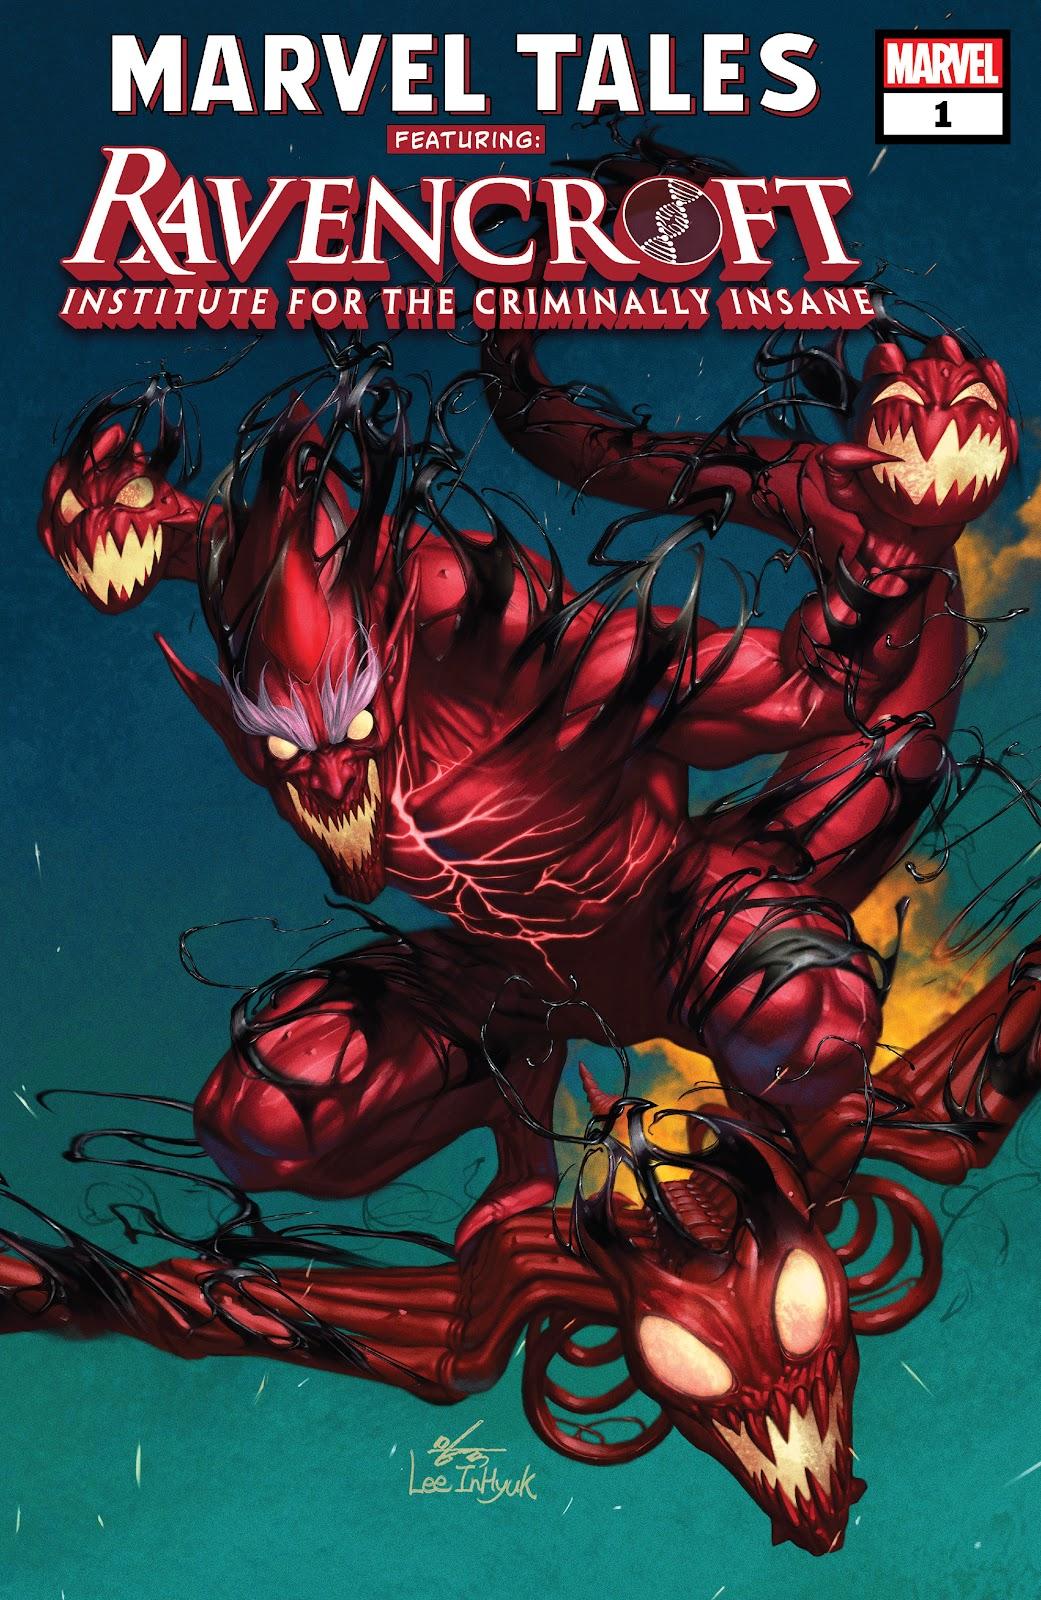 Marvel Tales (2019) Ravencroft Page 1